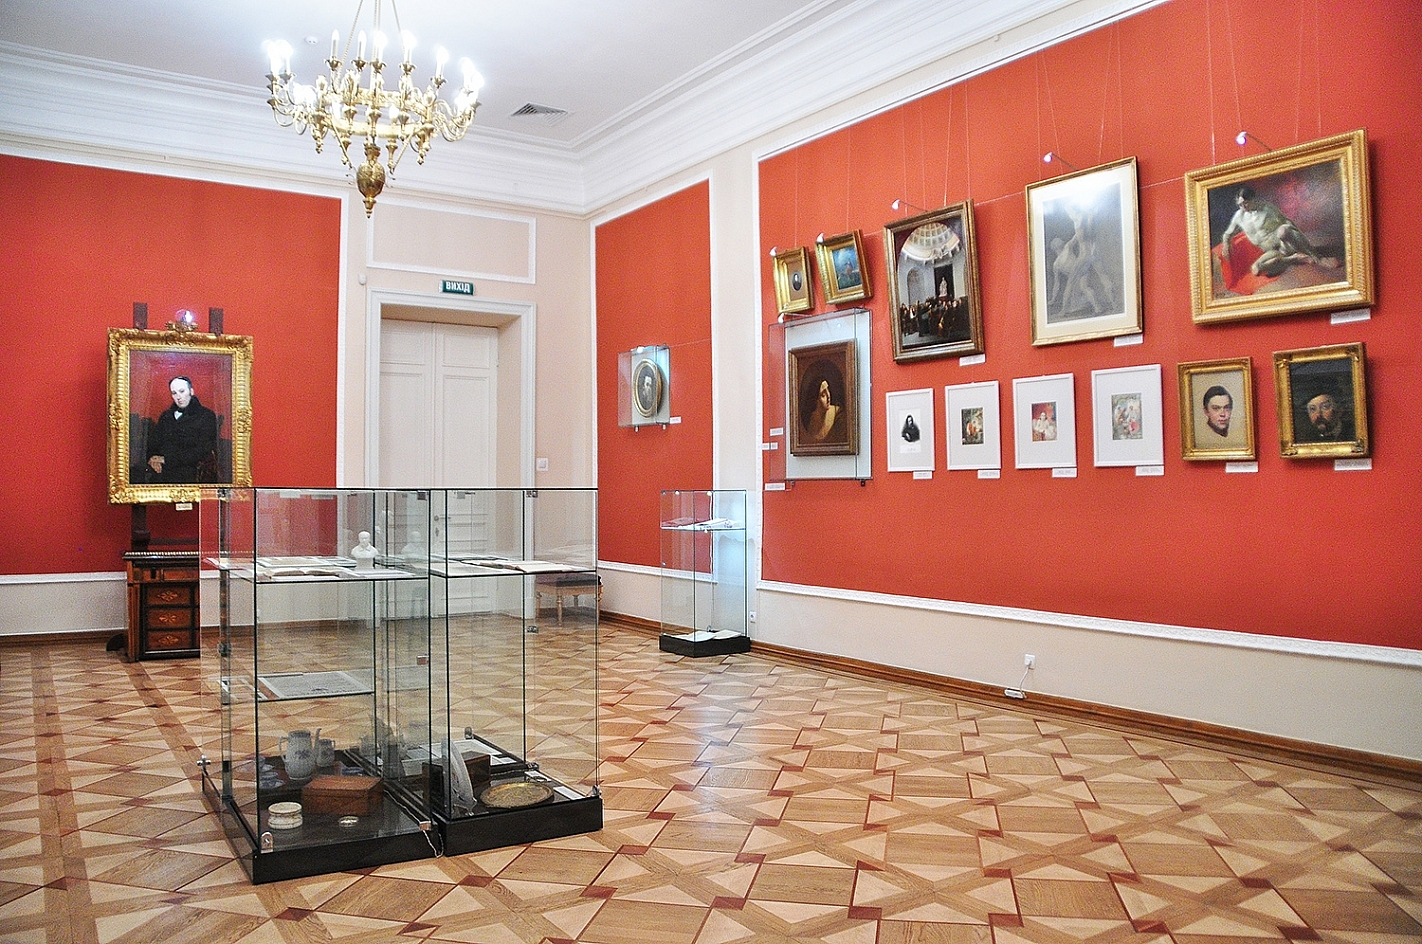 Международный день музеев: какие музеи Киева нужно обязательно посетить? - фото №5